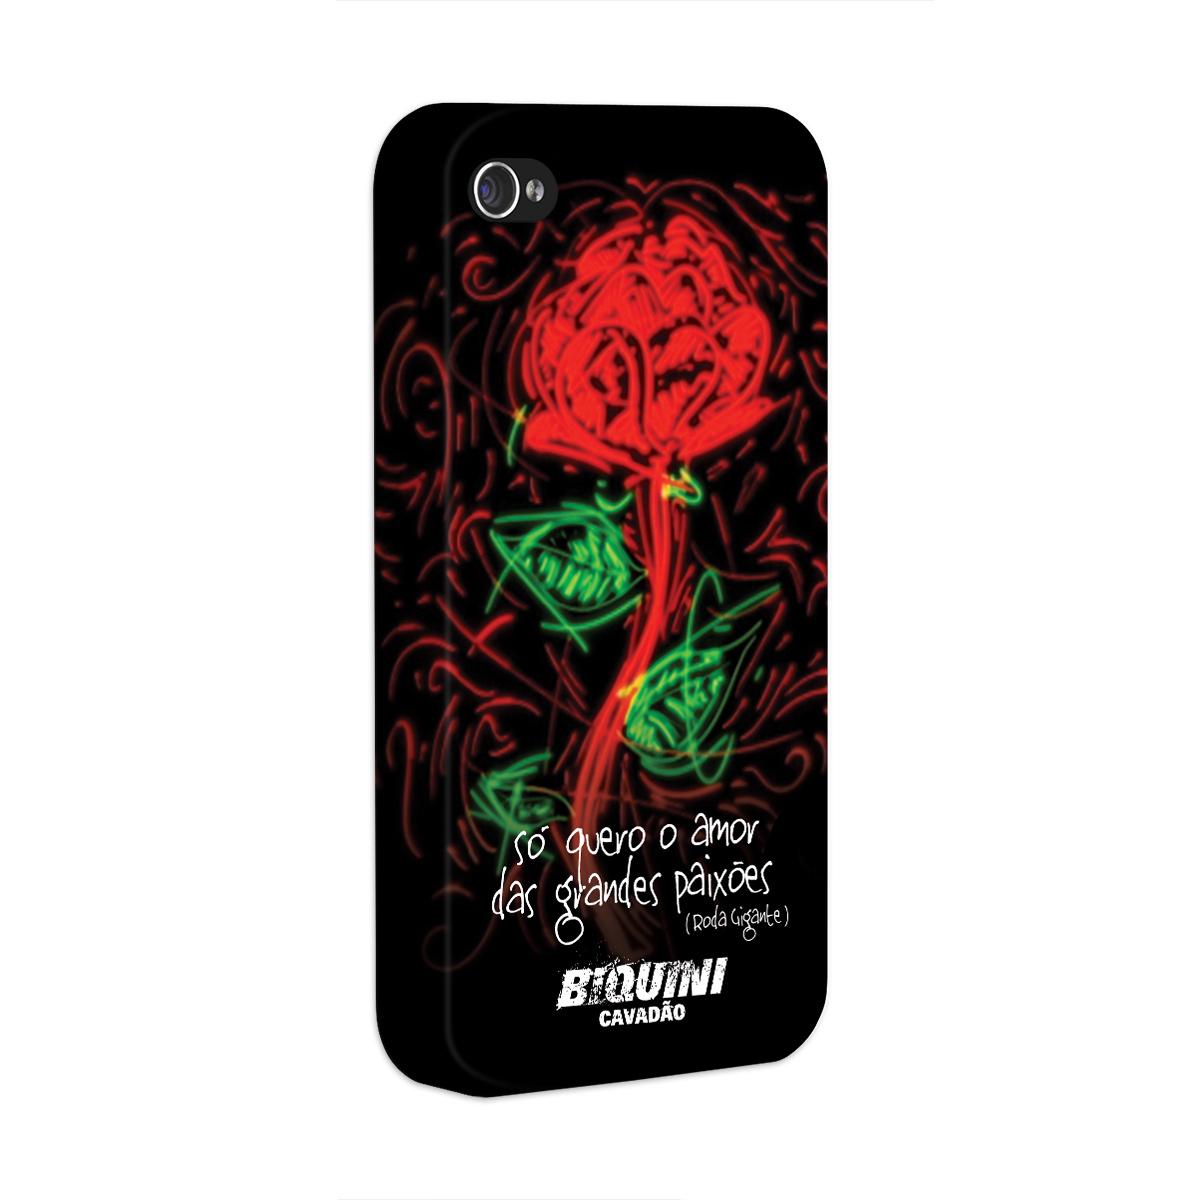 Capa para iPhone 4/4S Biquini Cavadão Só Quero o Amor das Grandes Paixões